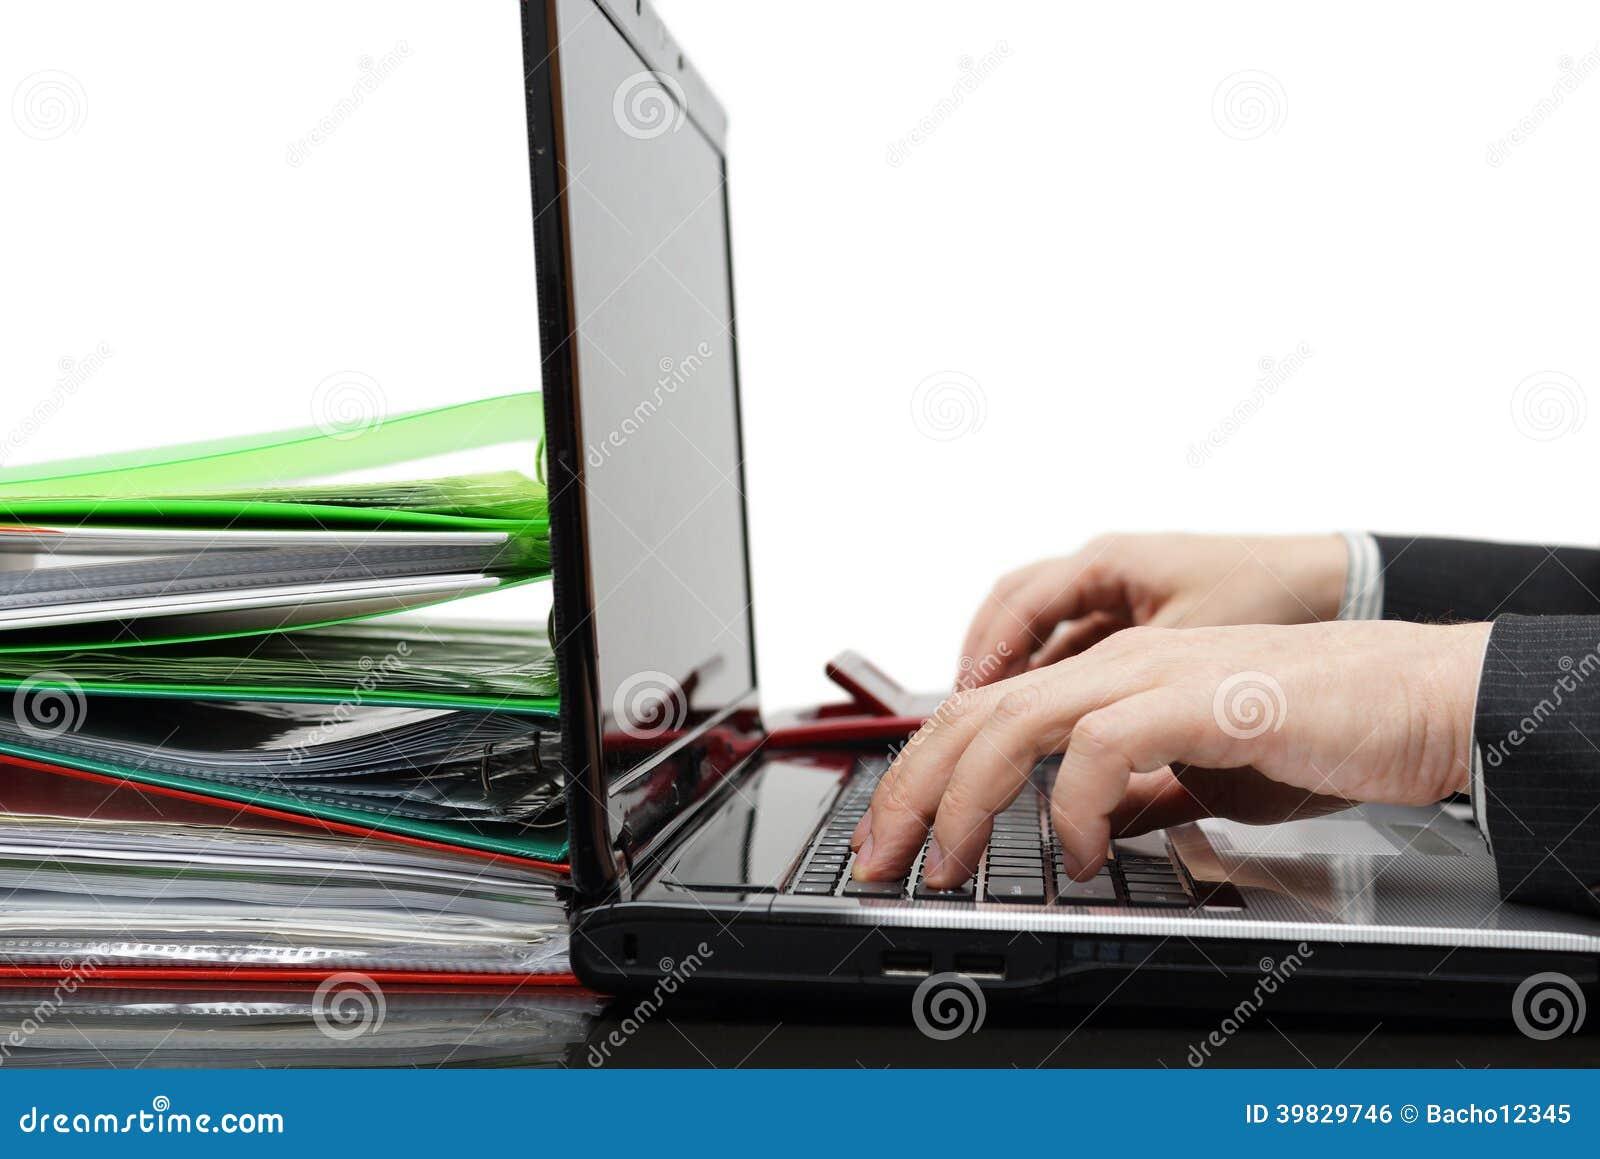 Księgowy z pełnym dokumentacja pracuje na komputerze